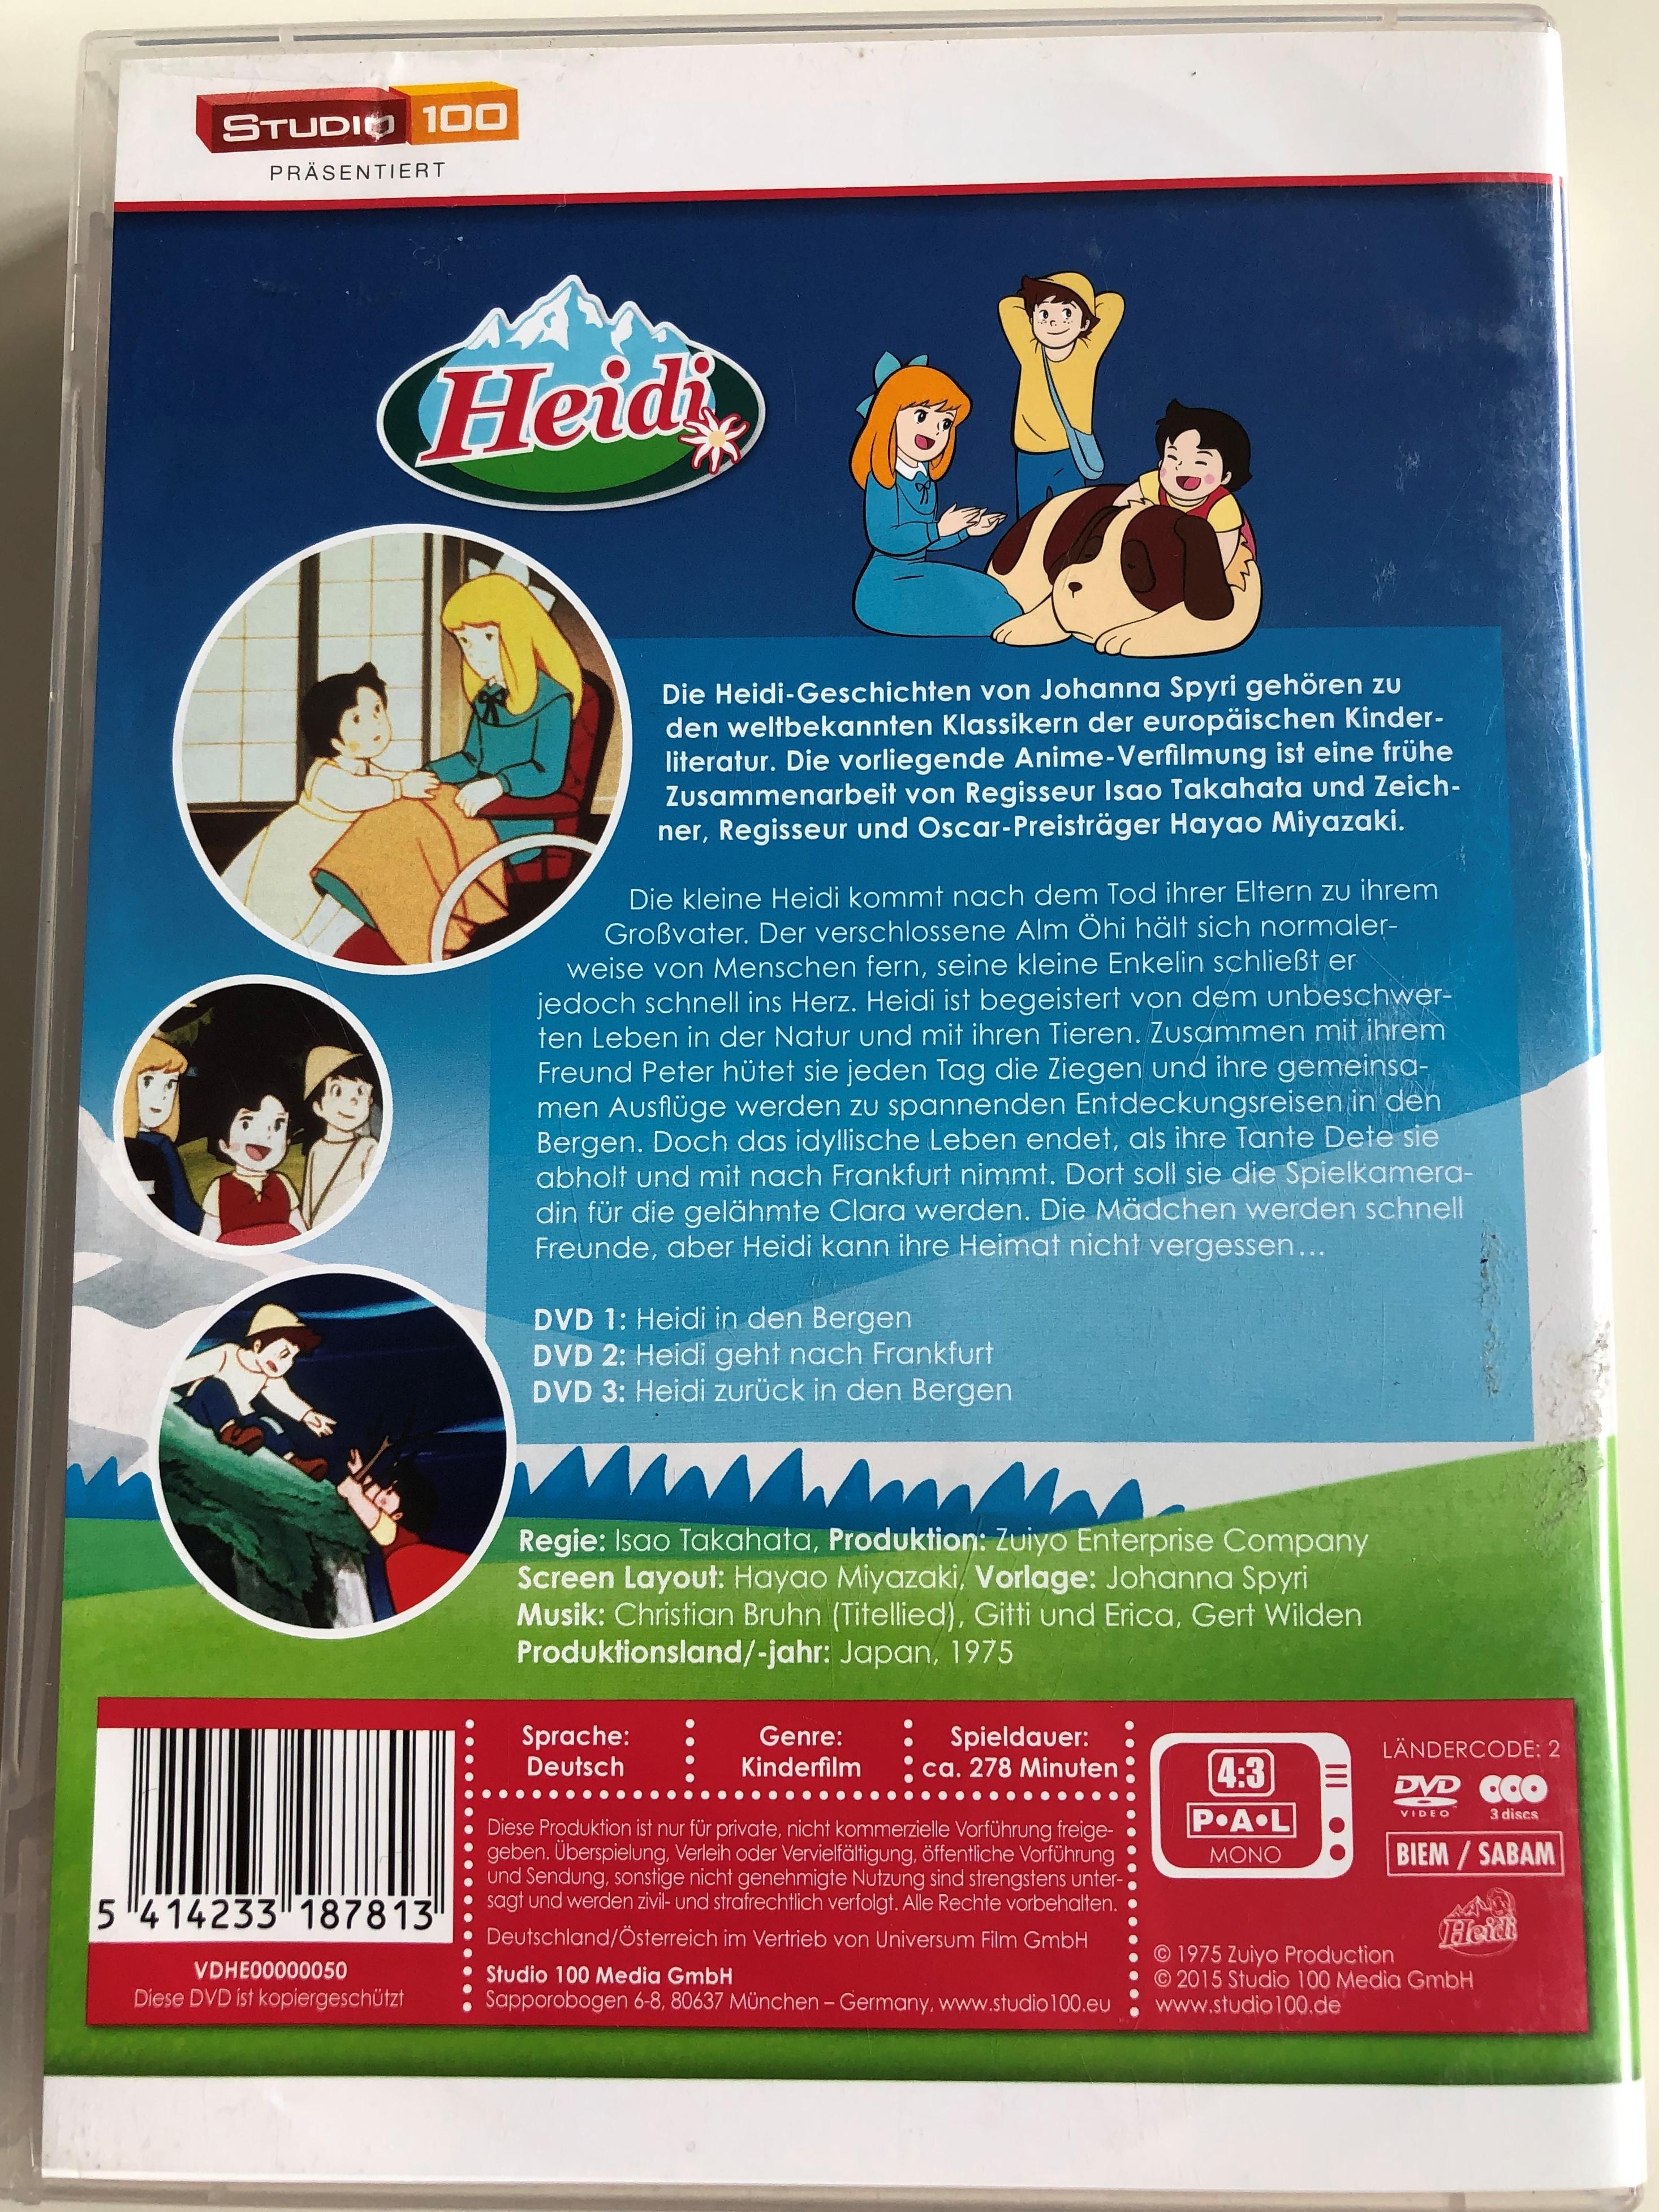 heidi-cartoon-dvd-set-1975-directed-by-isao-takahata-heidi-in-den-bergen-heidi-gecht-nach-frankfurt-heidi-zur-ck-in-den-bergen-kinderfilm-3-dvd-3-.jpg